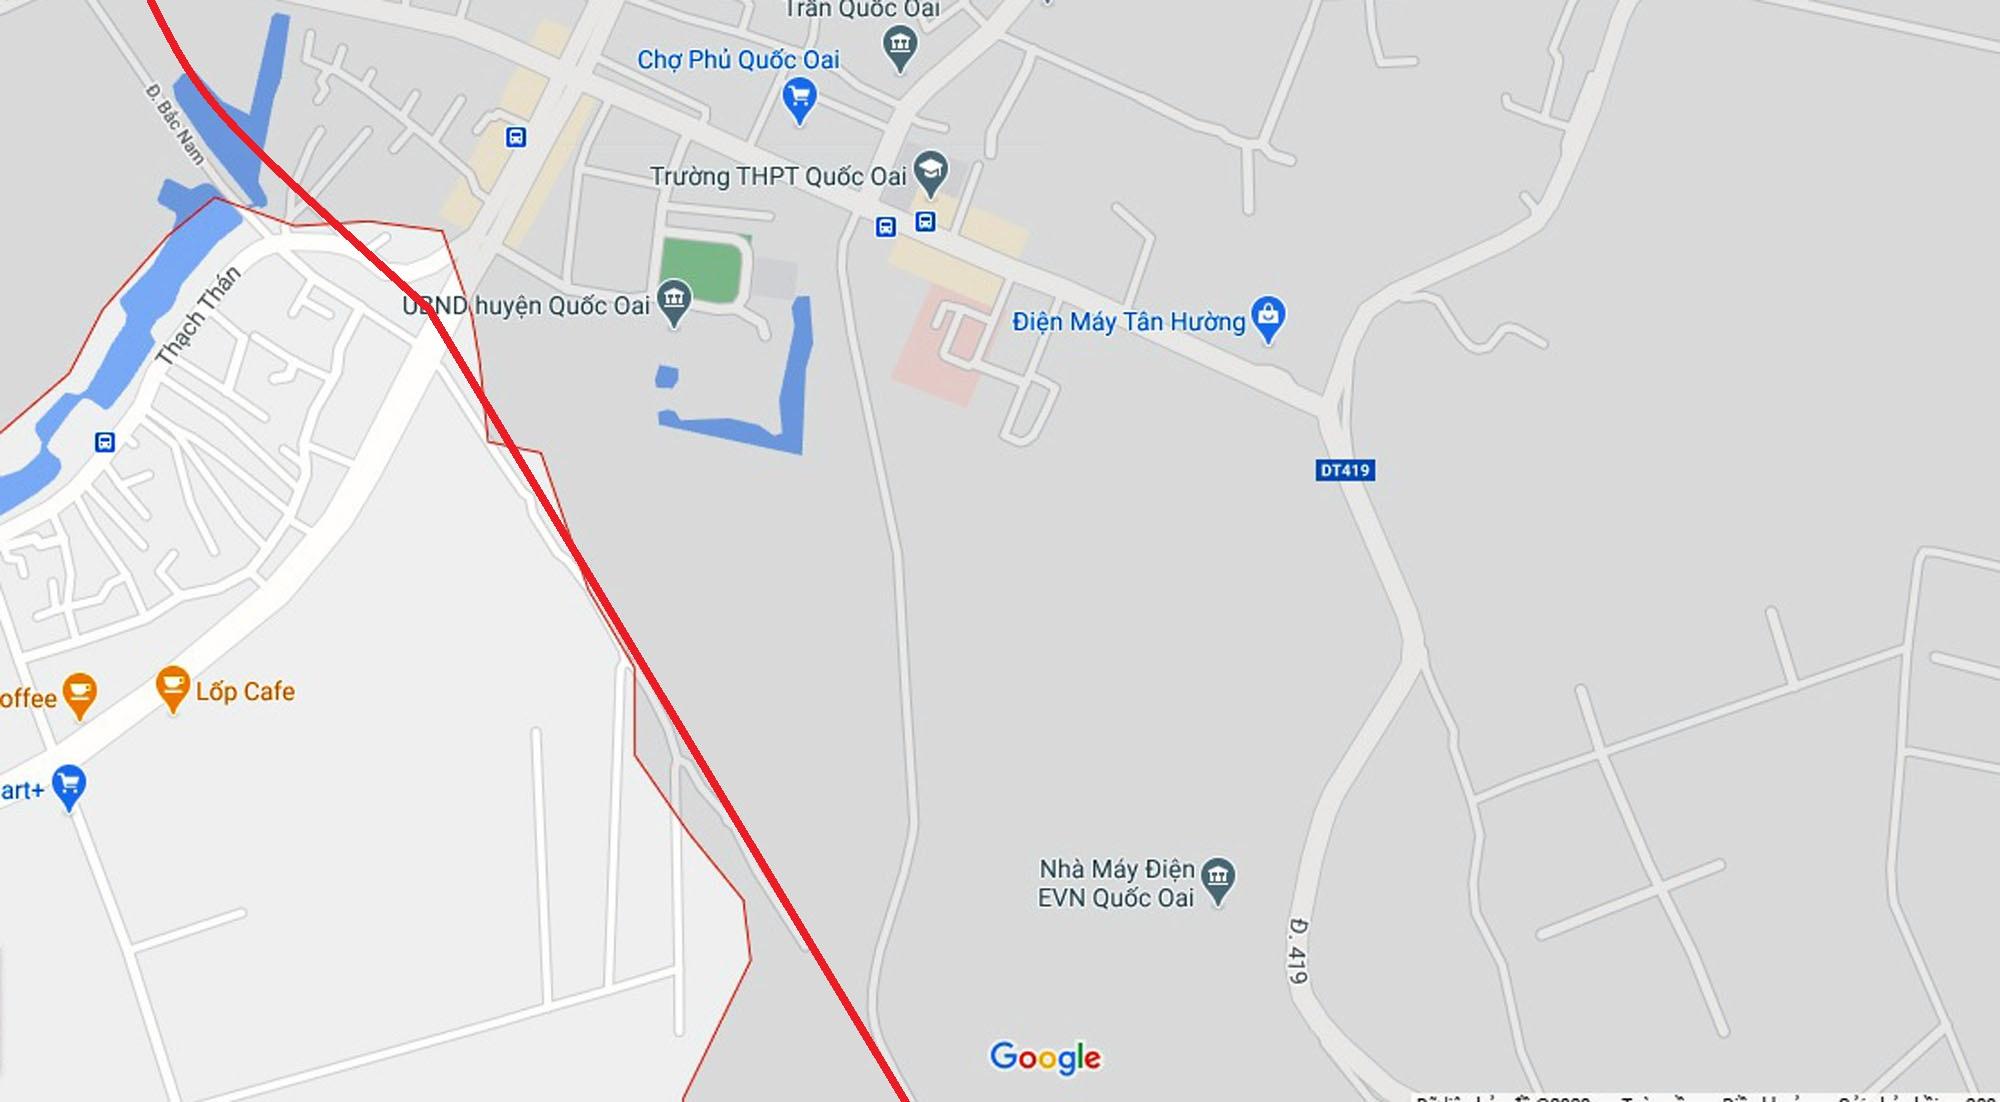 đường sẽ mở theo qui hoạch ở xã Thạch Thán, Quốc Oai, Hà Nội - Ảnh 5.